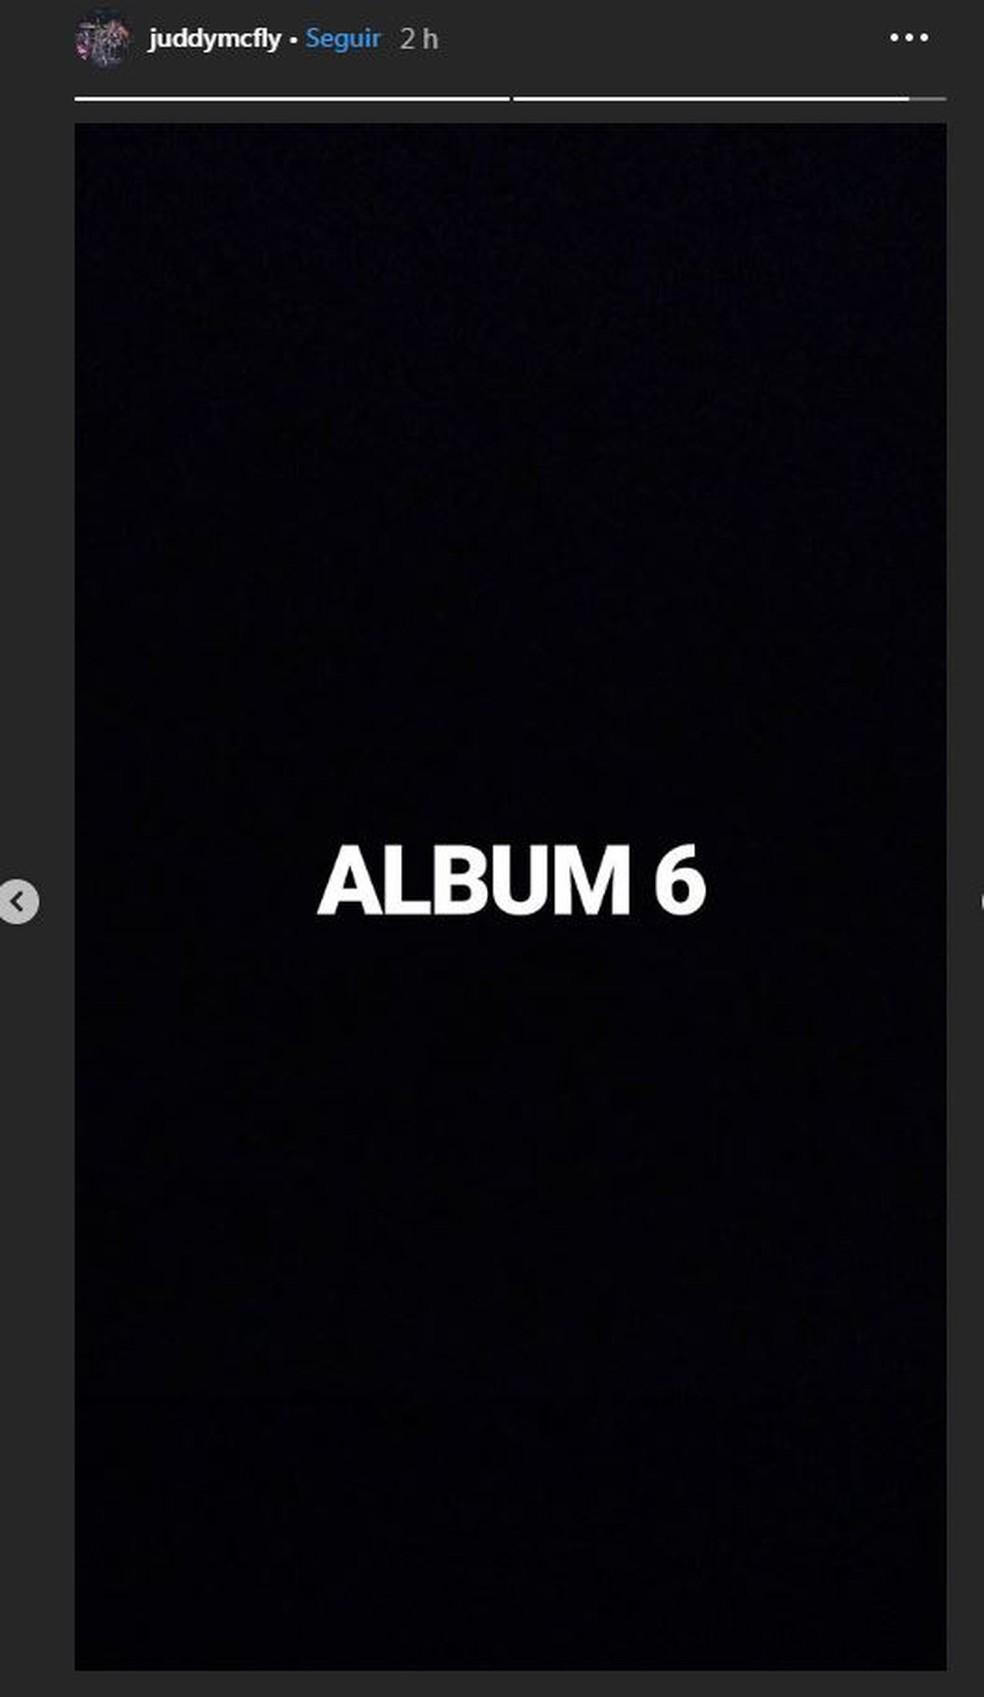 Harry Judd indica em rede social que músicas inéditas do McFly vão compor sexto álbum do grupo — Foto: Reprodução/Instagram